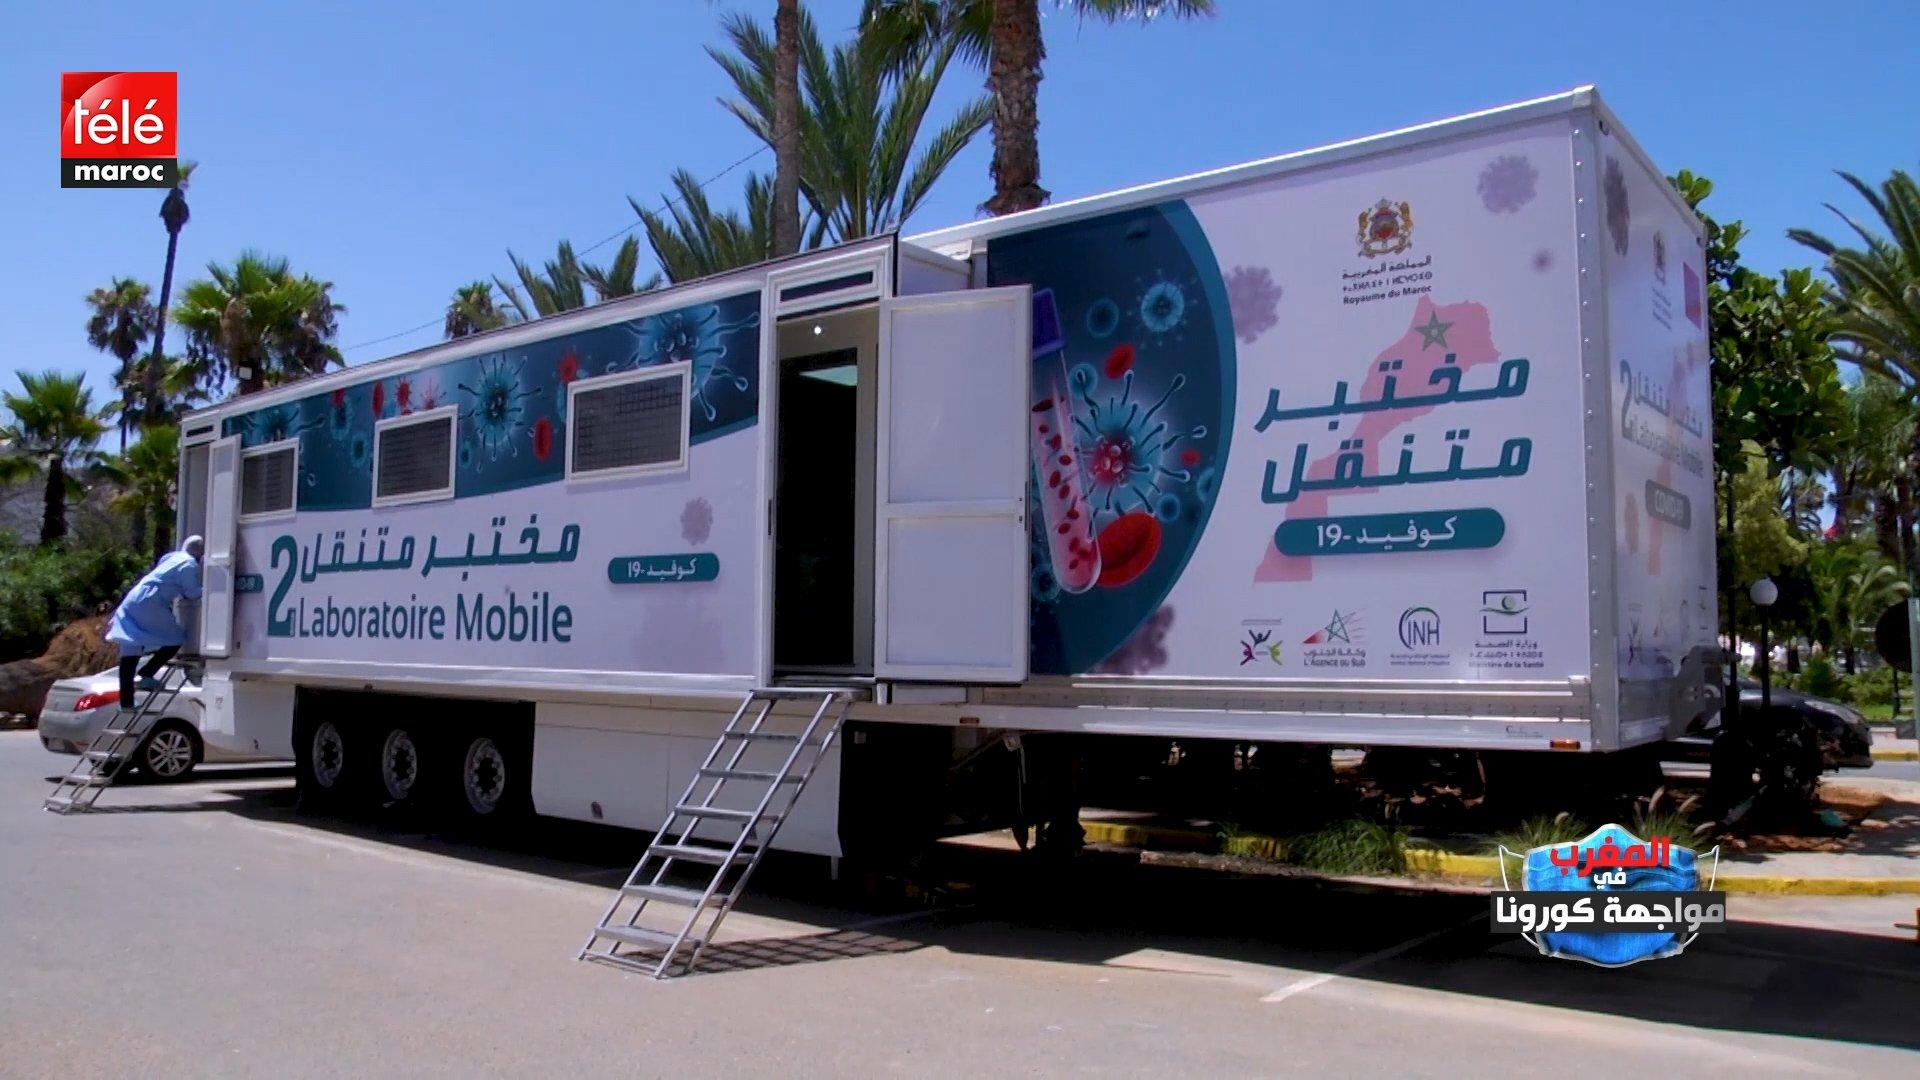 المغرب في مواجهة كورونا:التنسيق بين الأجهزة الطبية ومسؤولي المطارات لتأمين فك الحظر على السفرجوا؟